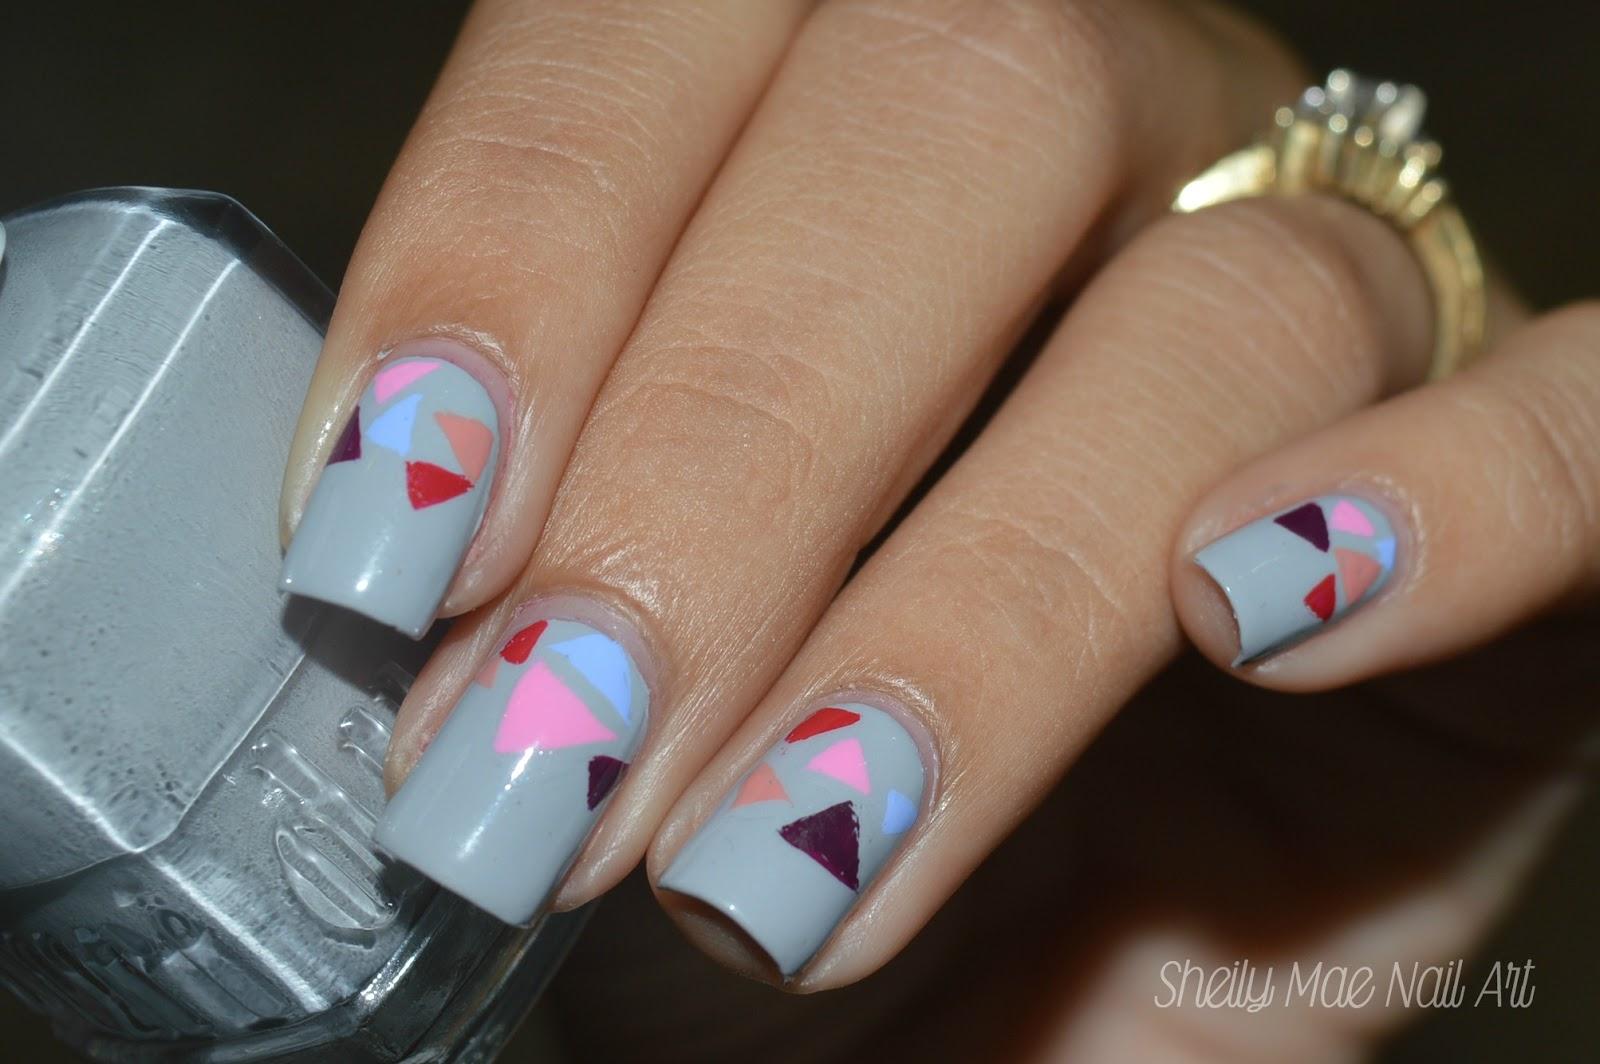 Fall Nail Art using Duri Cosmetics Nail Polishes - Sheily Mae Nail Art